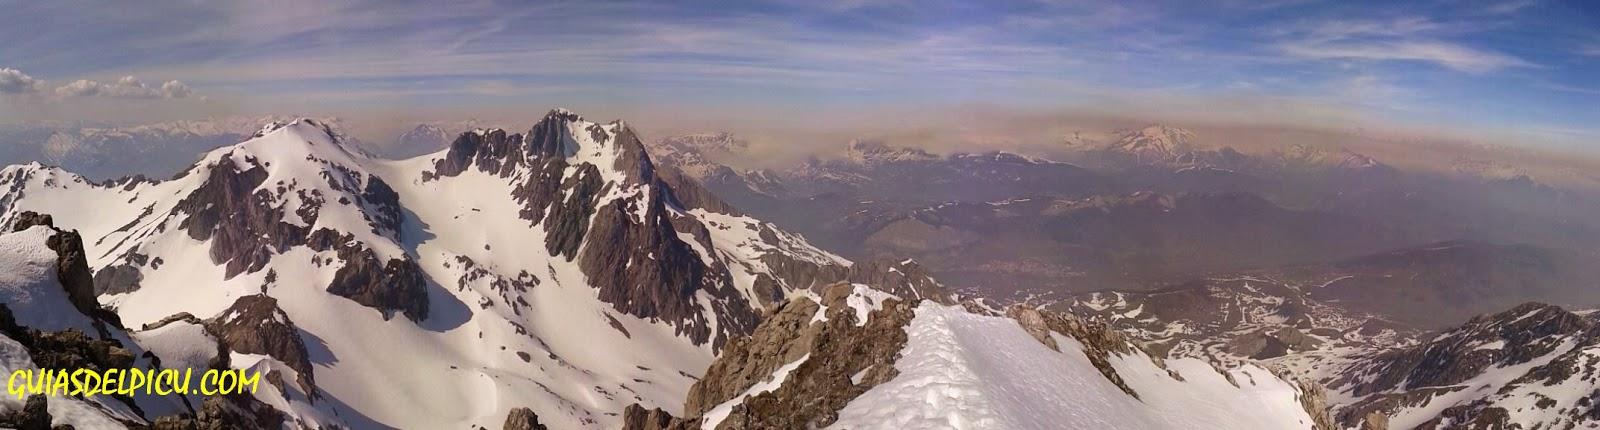 Guias de alta montaña en picos de Europa y cordillera cantabrica , ascensiones , escaladas , Fernando Calvo Gonzalez